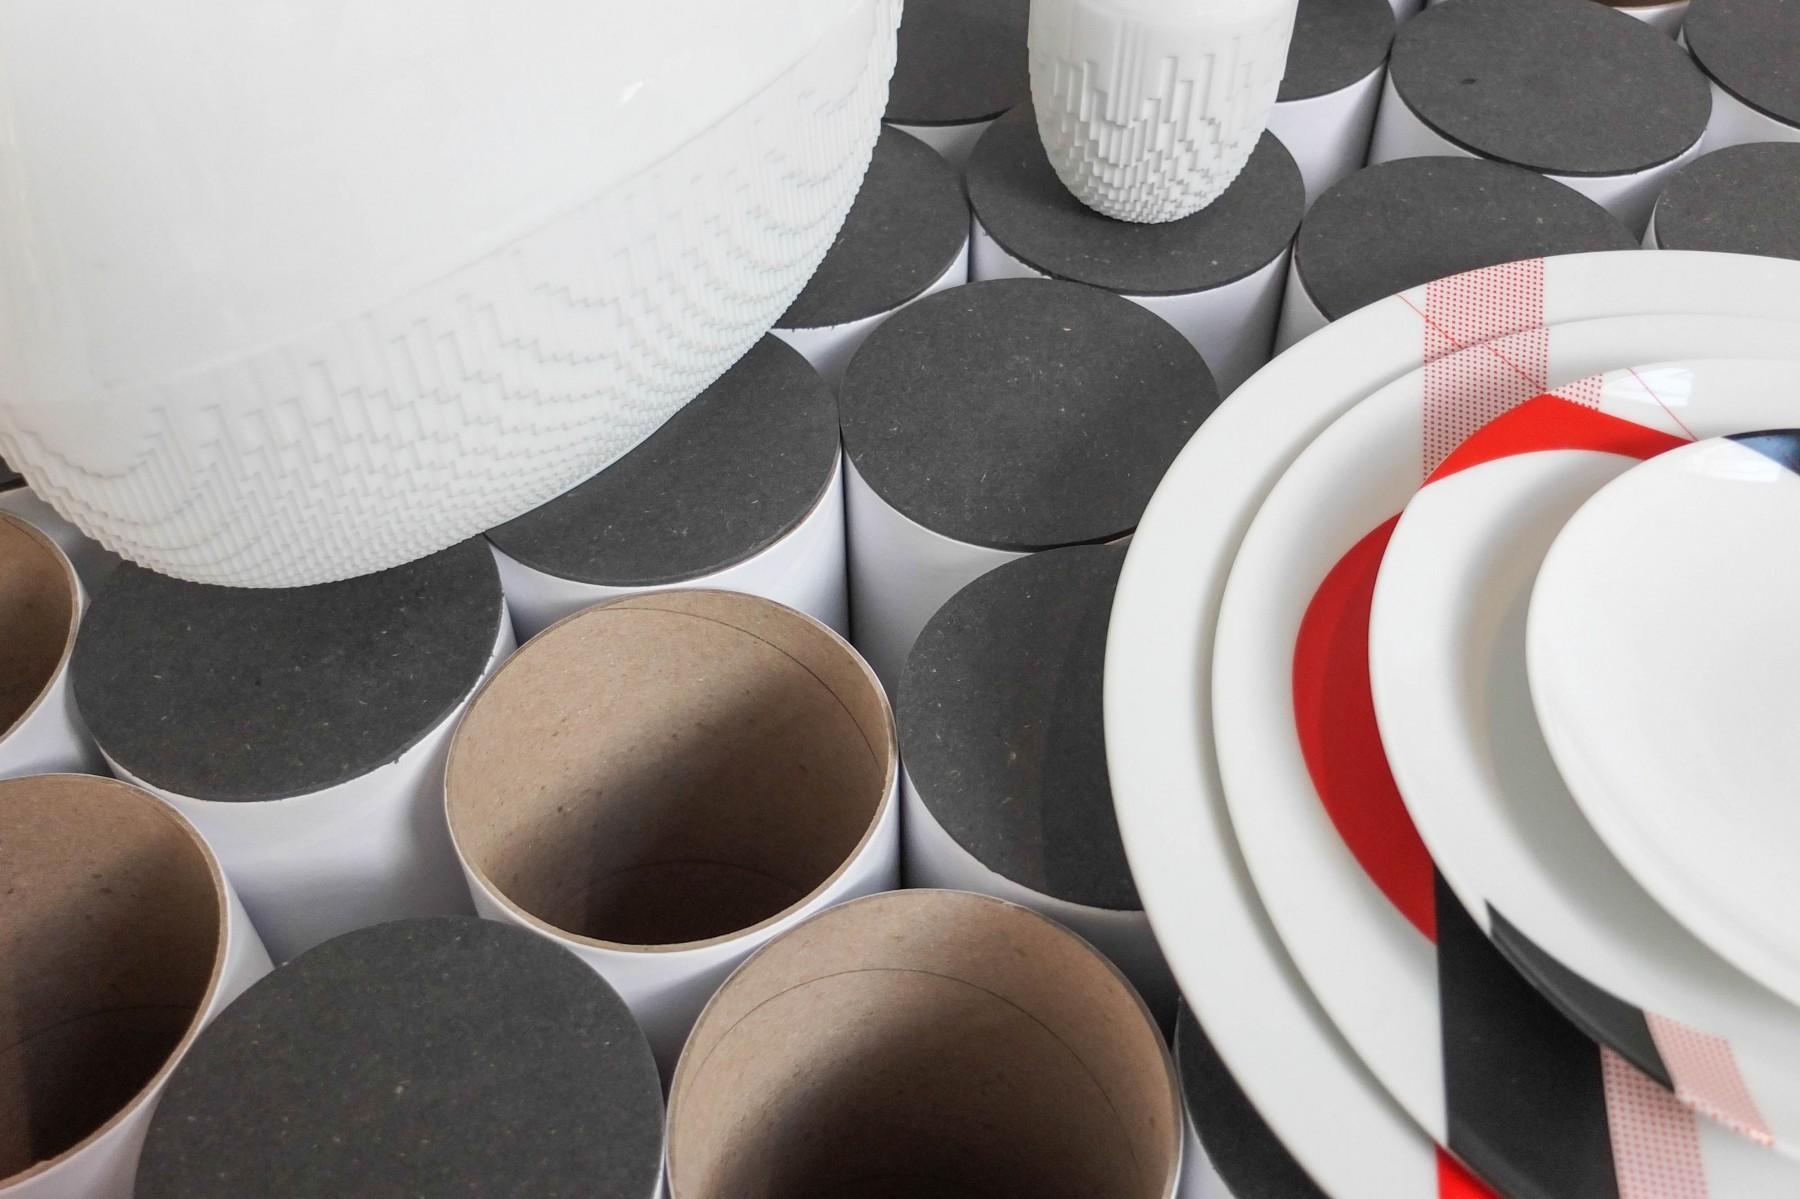 Scénographie par bold-design - Objet & Graphisme - client : Meet my Project - photo : Camille Baudelaire - www.bold-design.fr